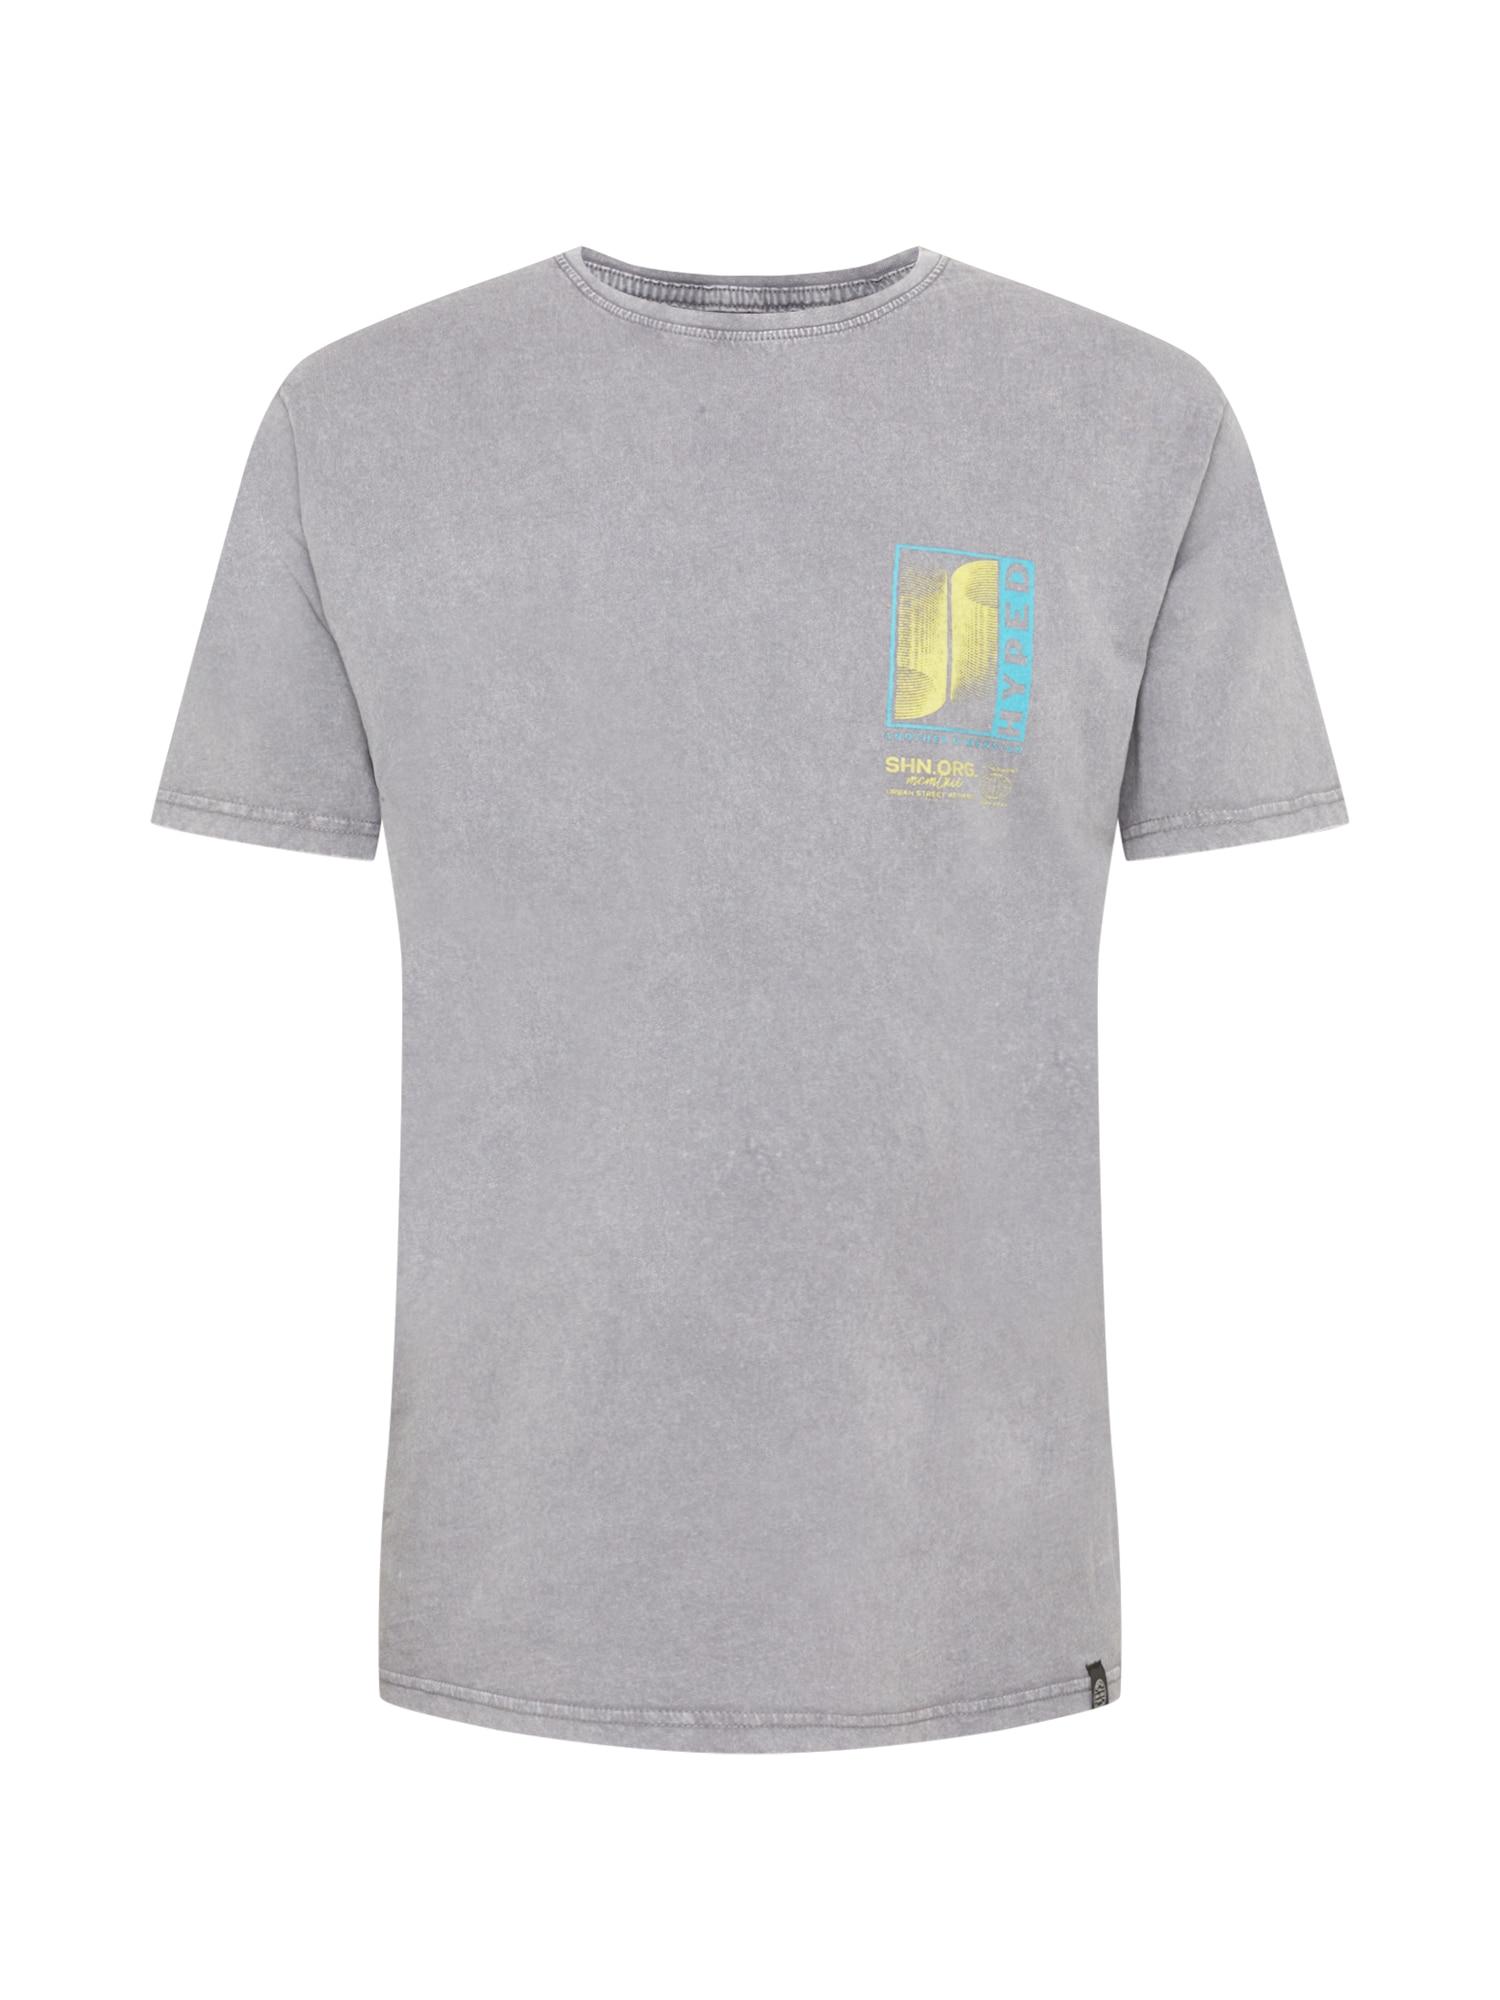 SHINE ORIGINAL Marškinėliai pilka / geltona / mėlyna